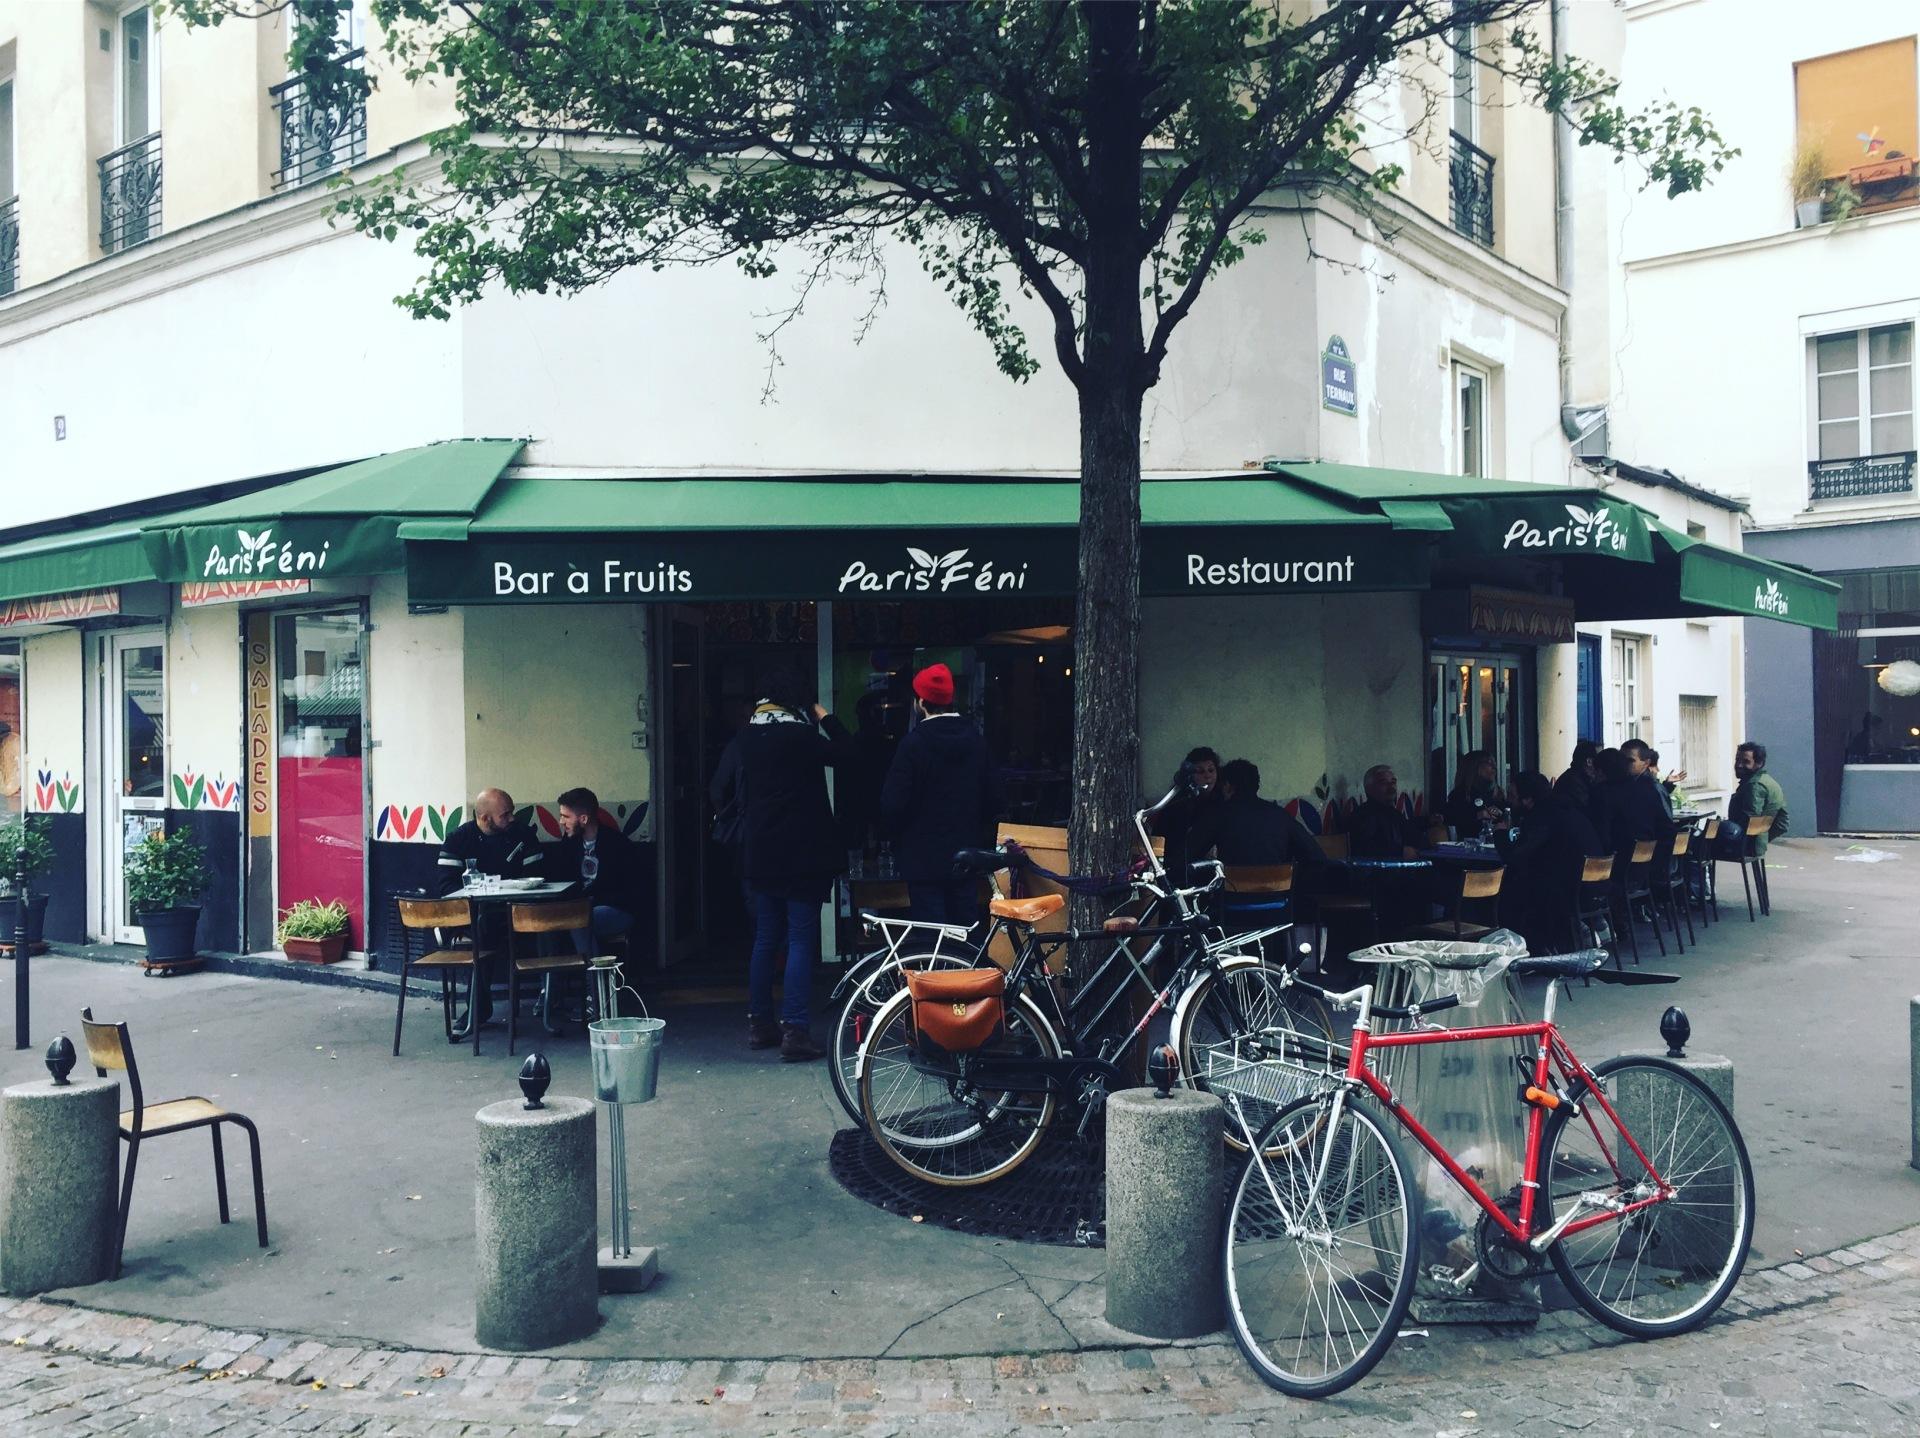 Paris Féni